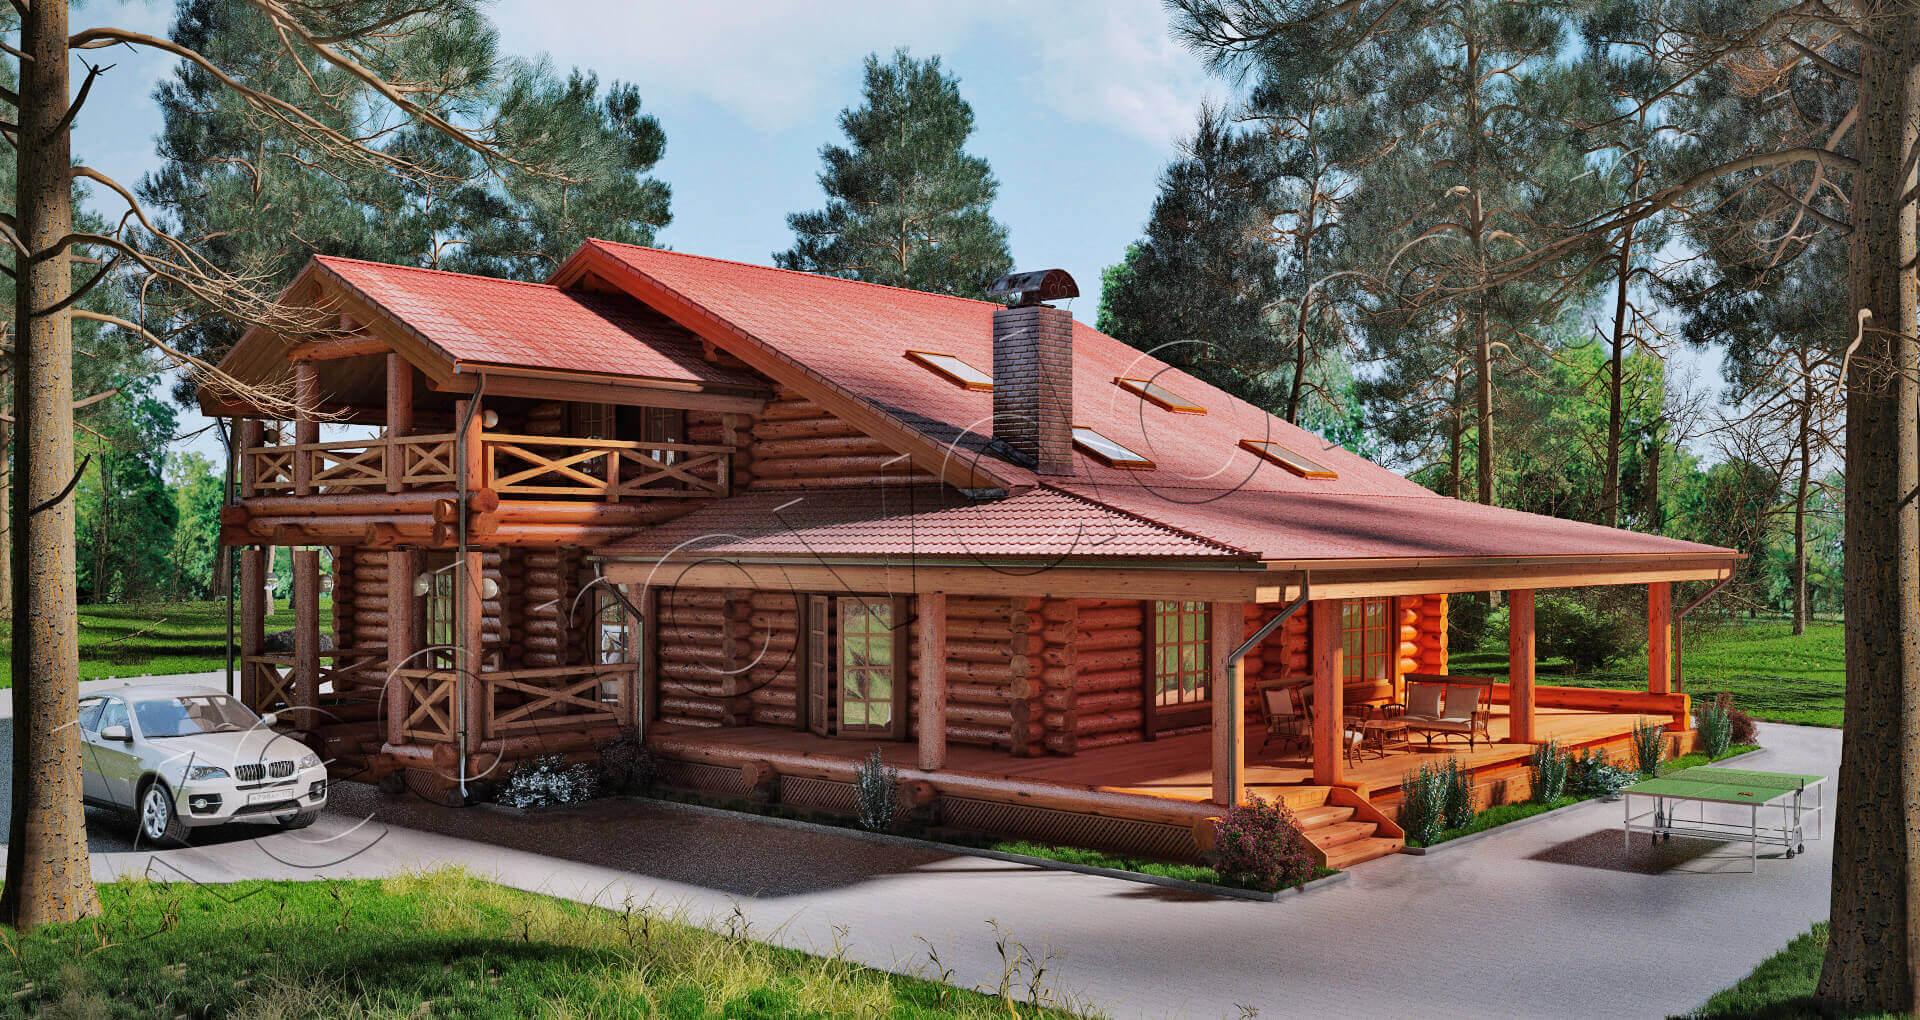 деревянный дом с бревенчатой верандой фото приходили